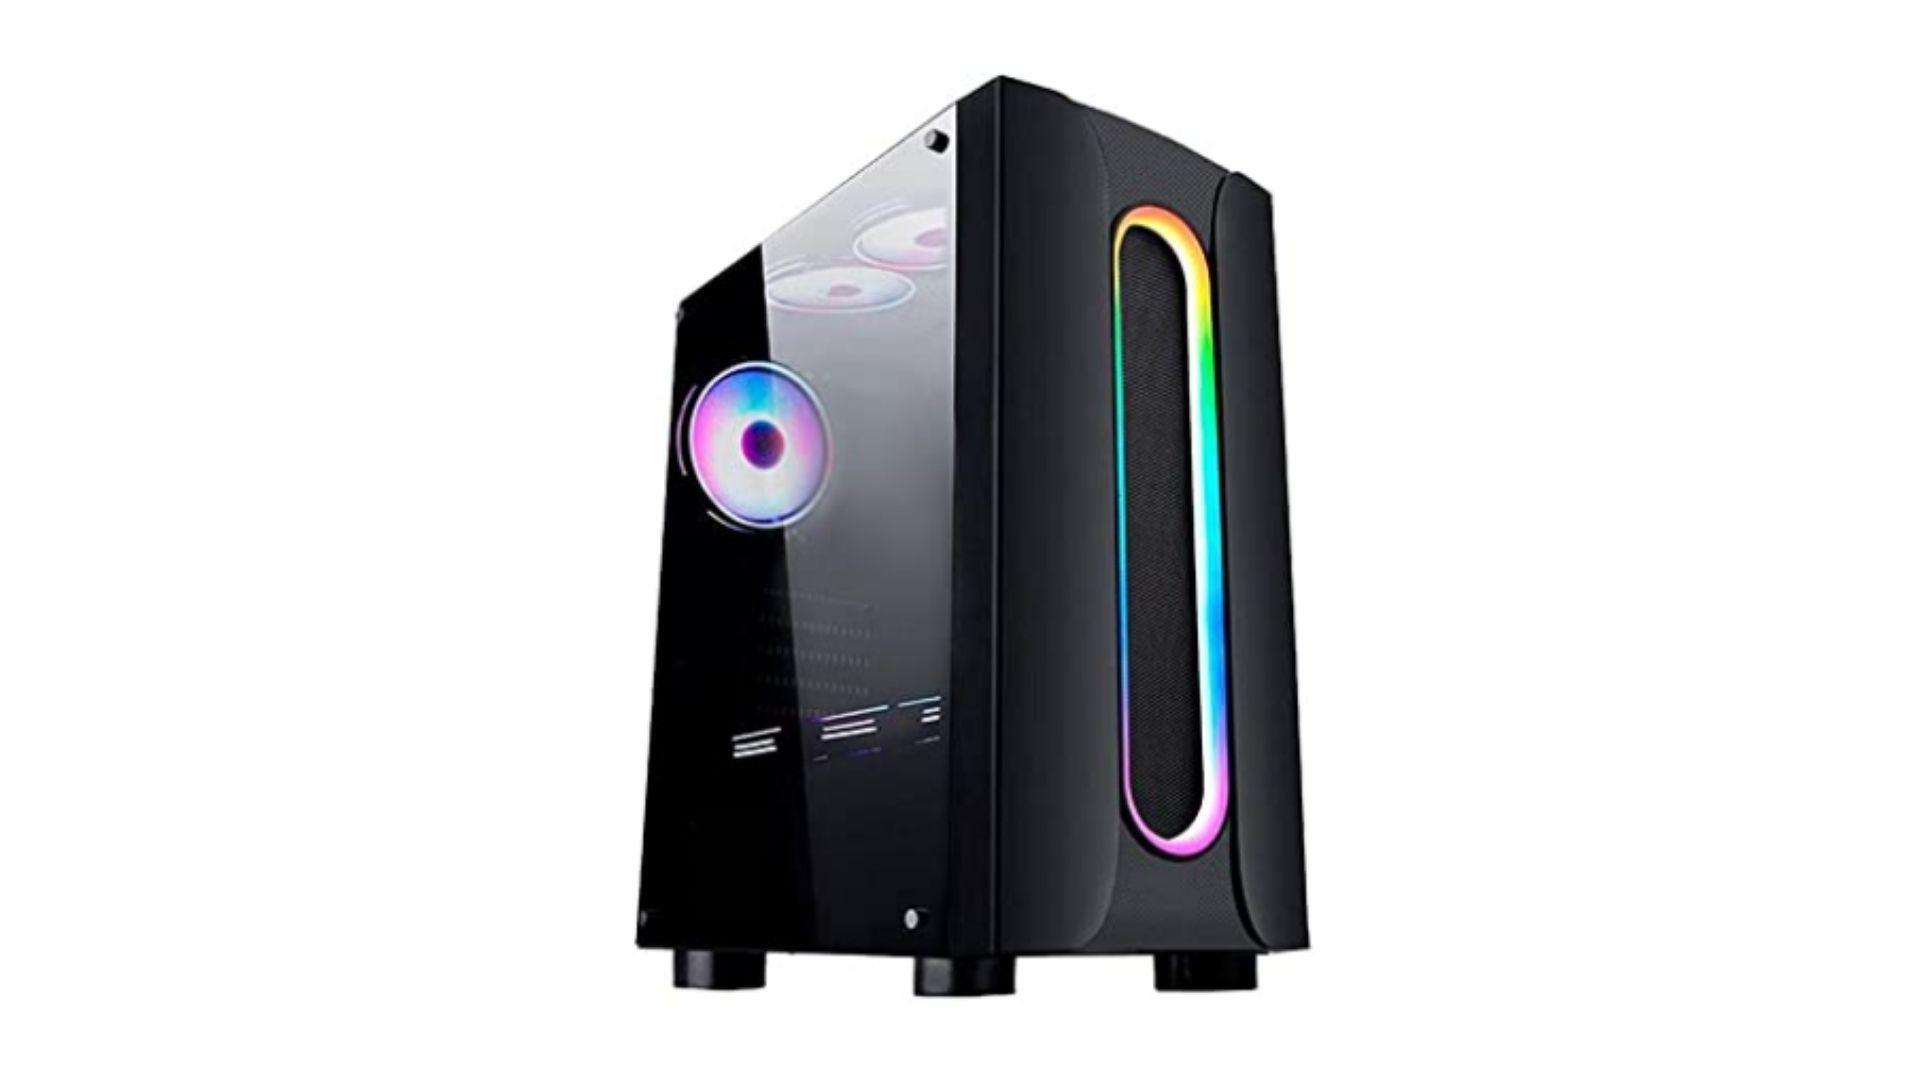 PC Gamer G-Fire Htgw-133 Intel Core i5 10ª Geração preto com RGB em fundo branco